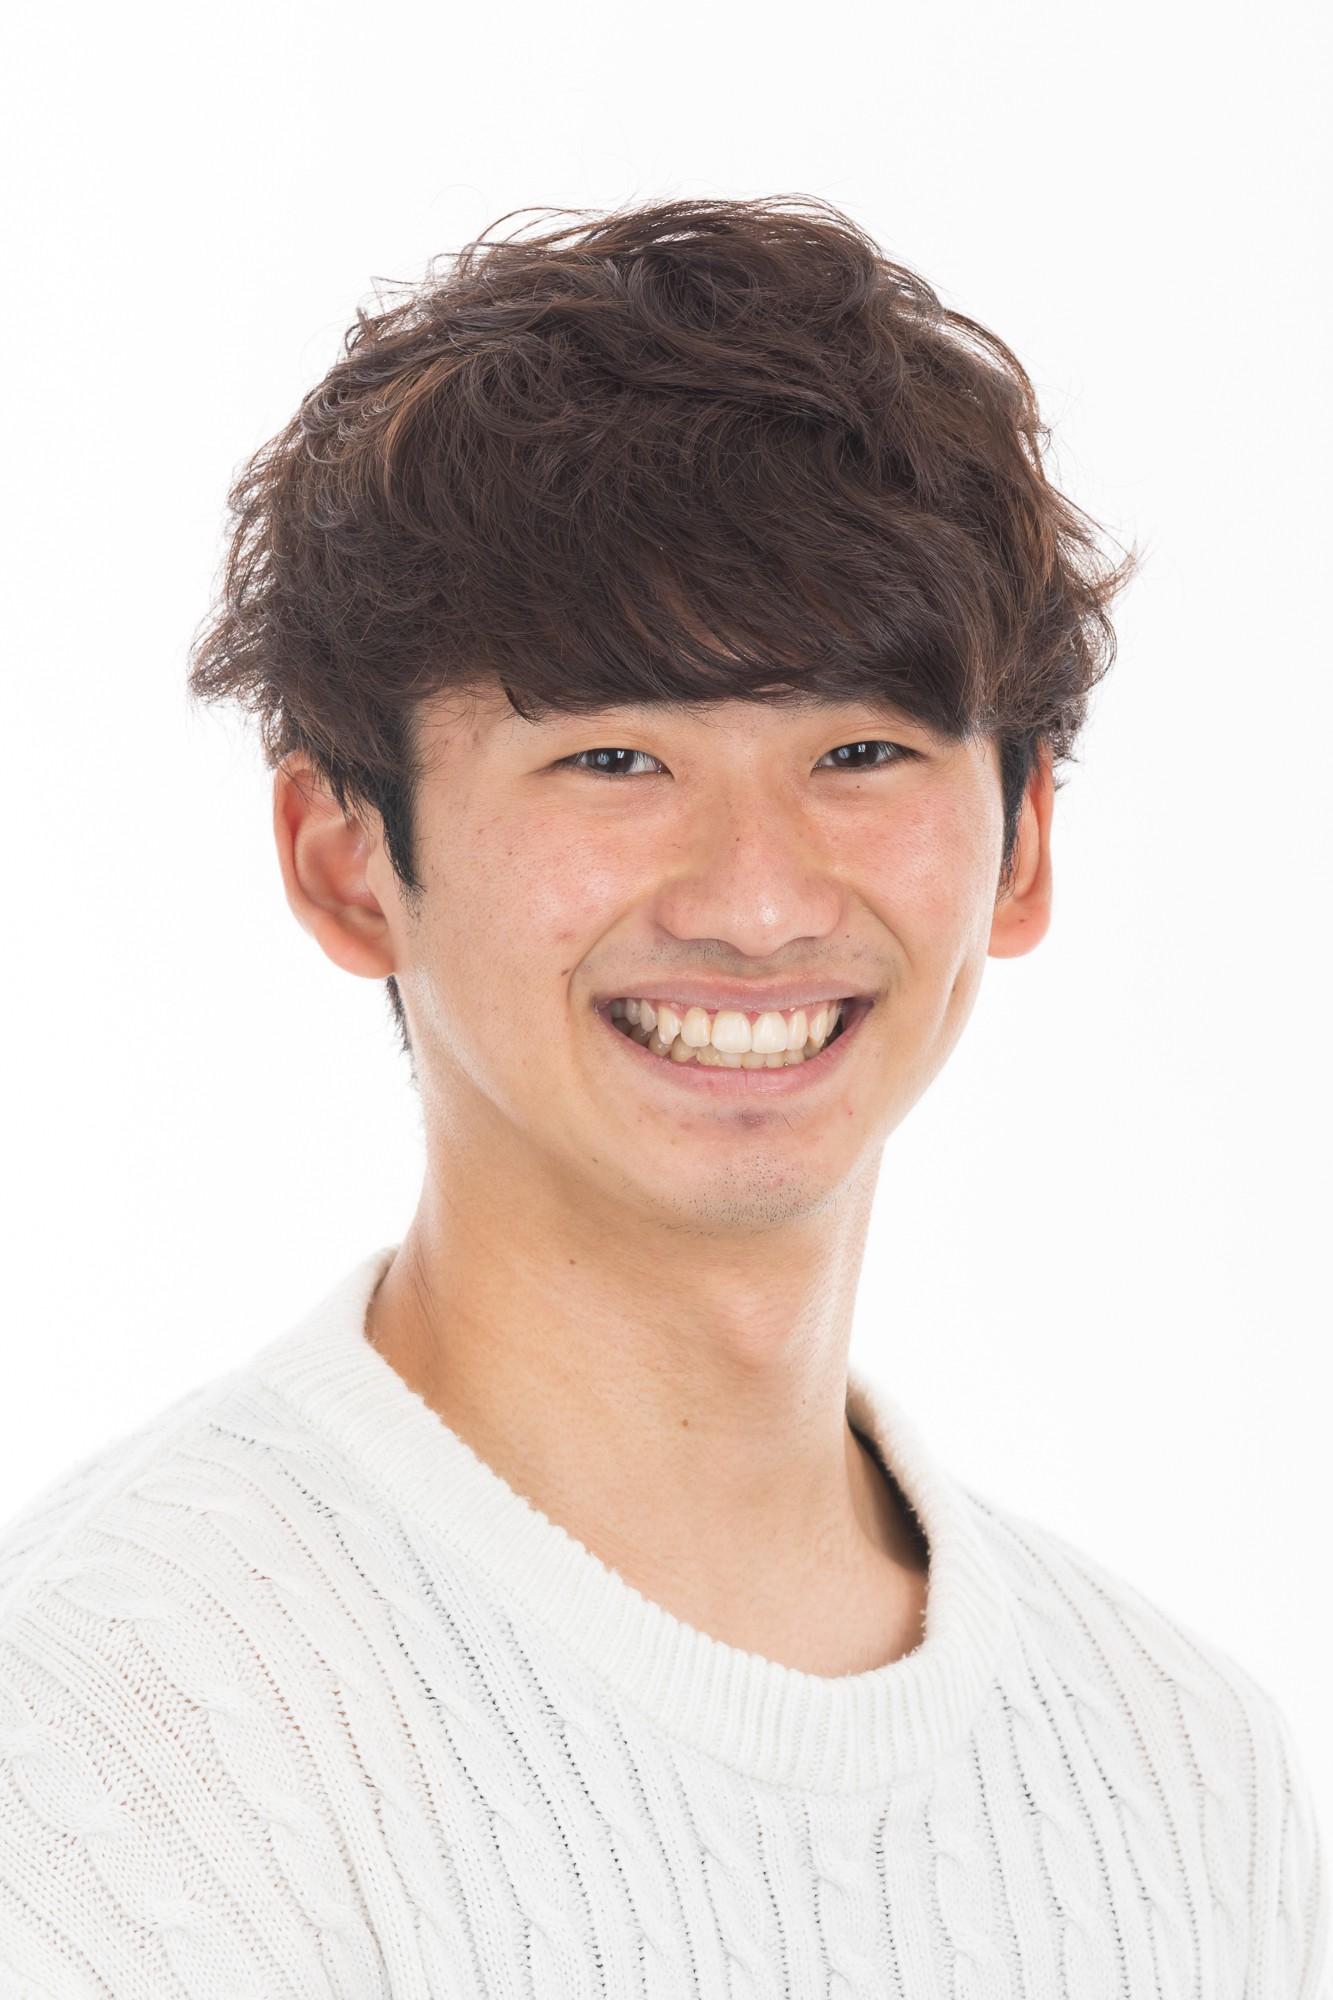 田中塁,TanakaRui